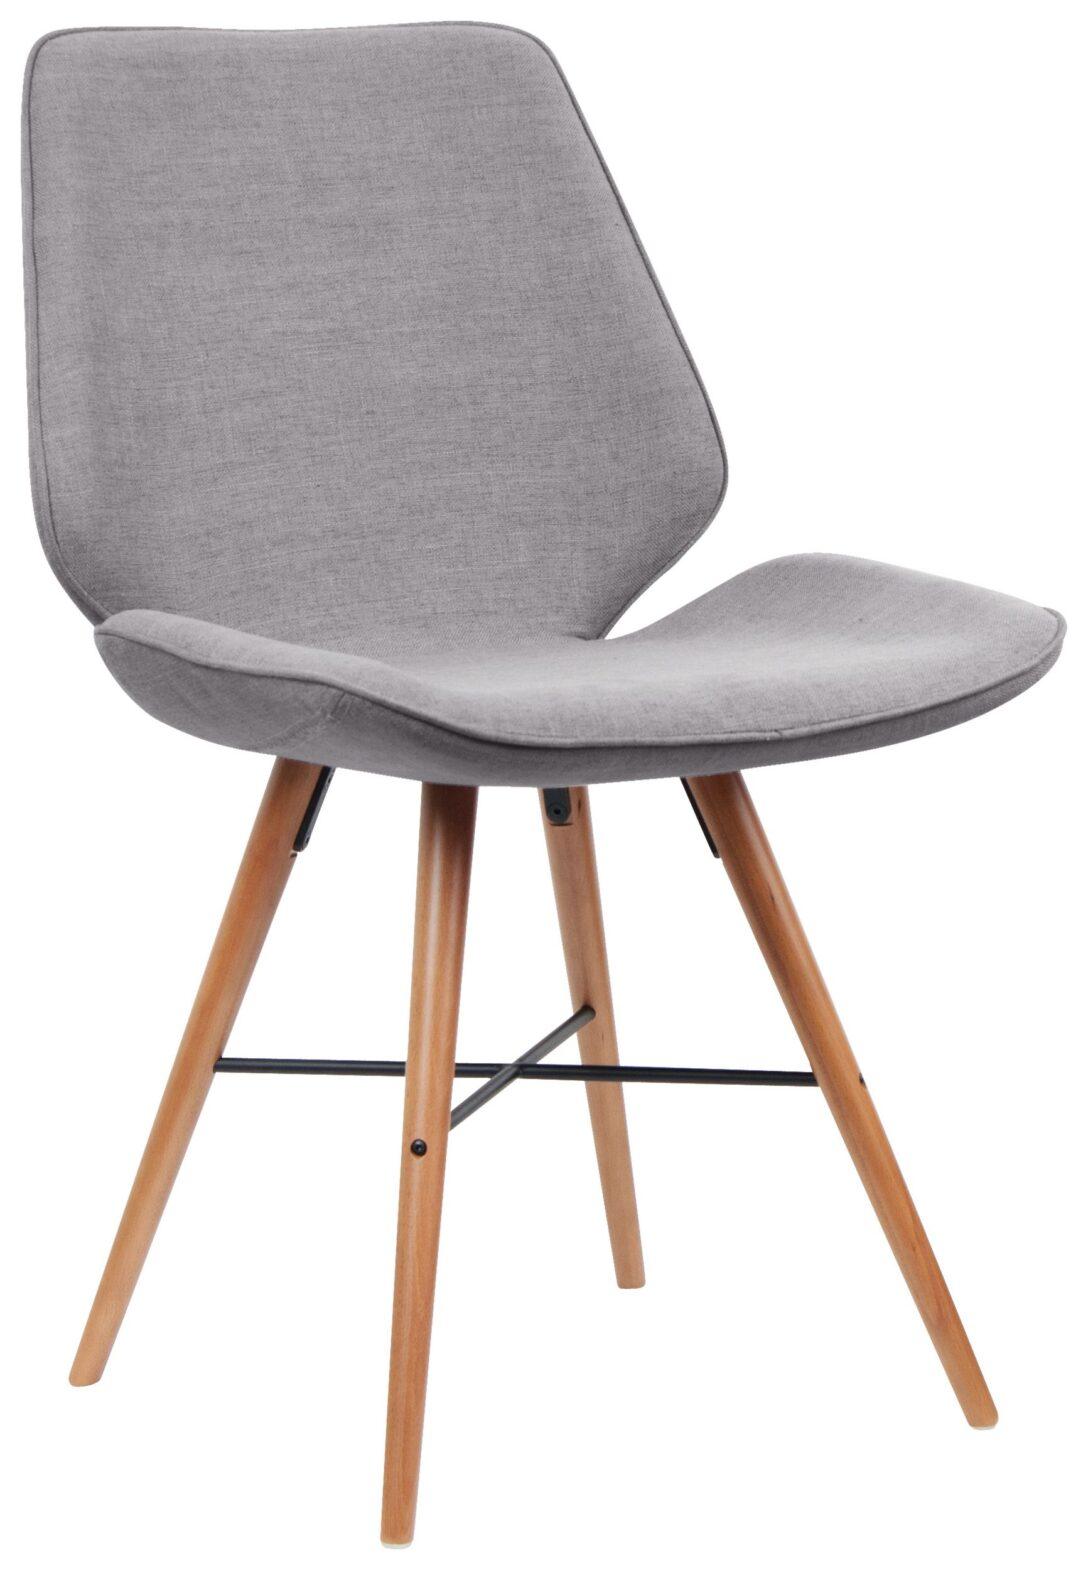 Large Size of Esszimmersthle Hnlich Eames Chair Mit Stoffbezug 2 Stck 450 Esstisch Sofa Esstischstühle Moderne Esstische Massiv Ausziehbar Massivholz Quadratisch 2m Altholz Esstische Esstisch Stühle